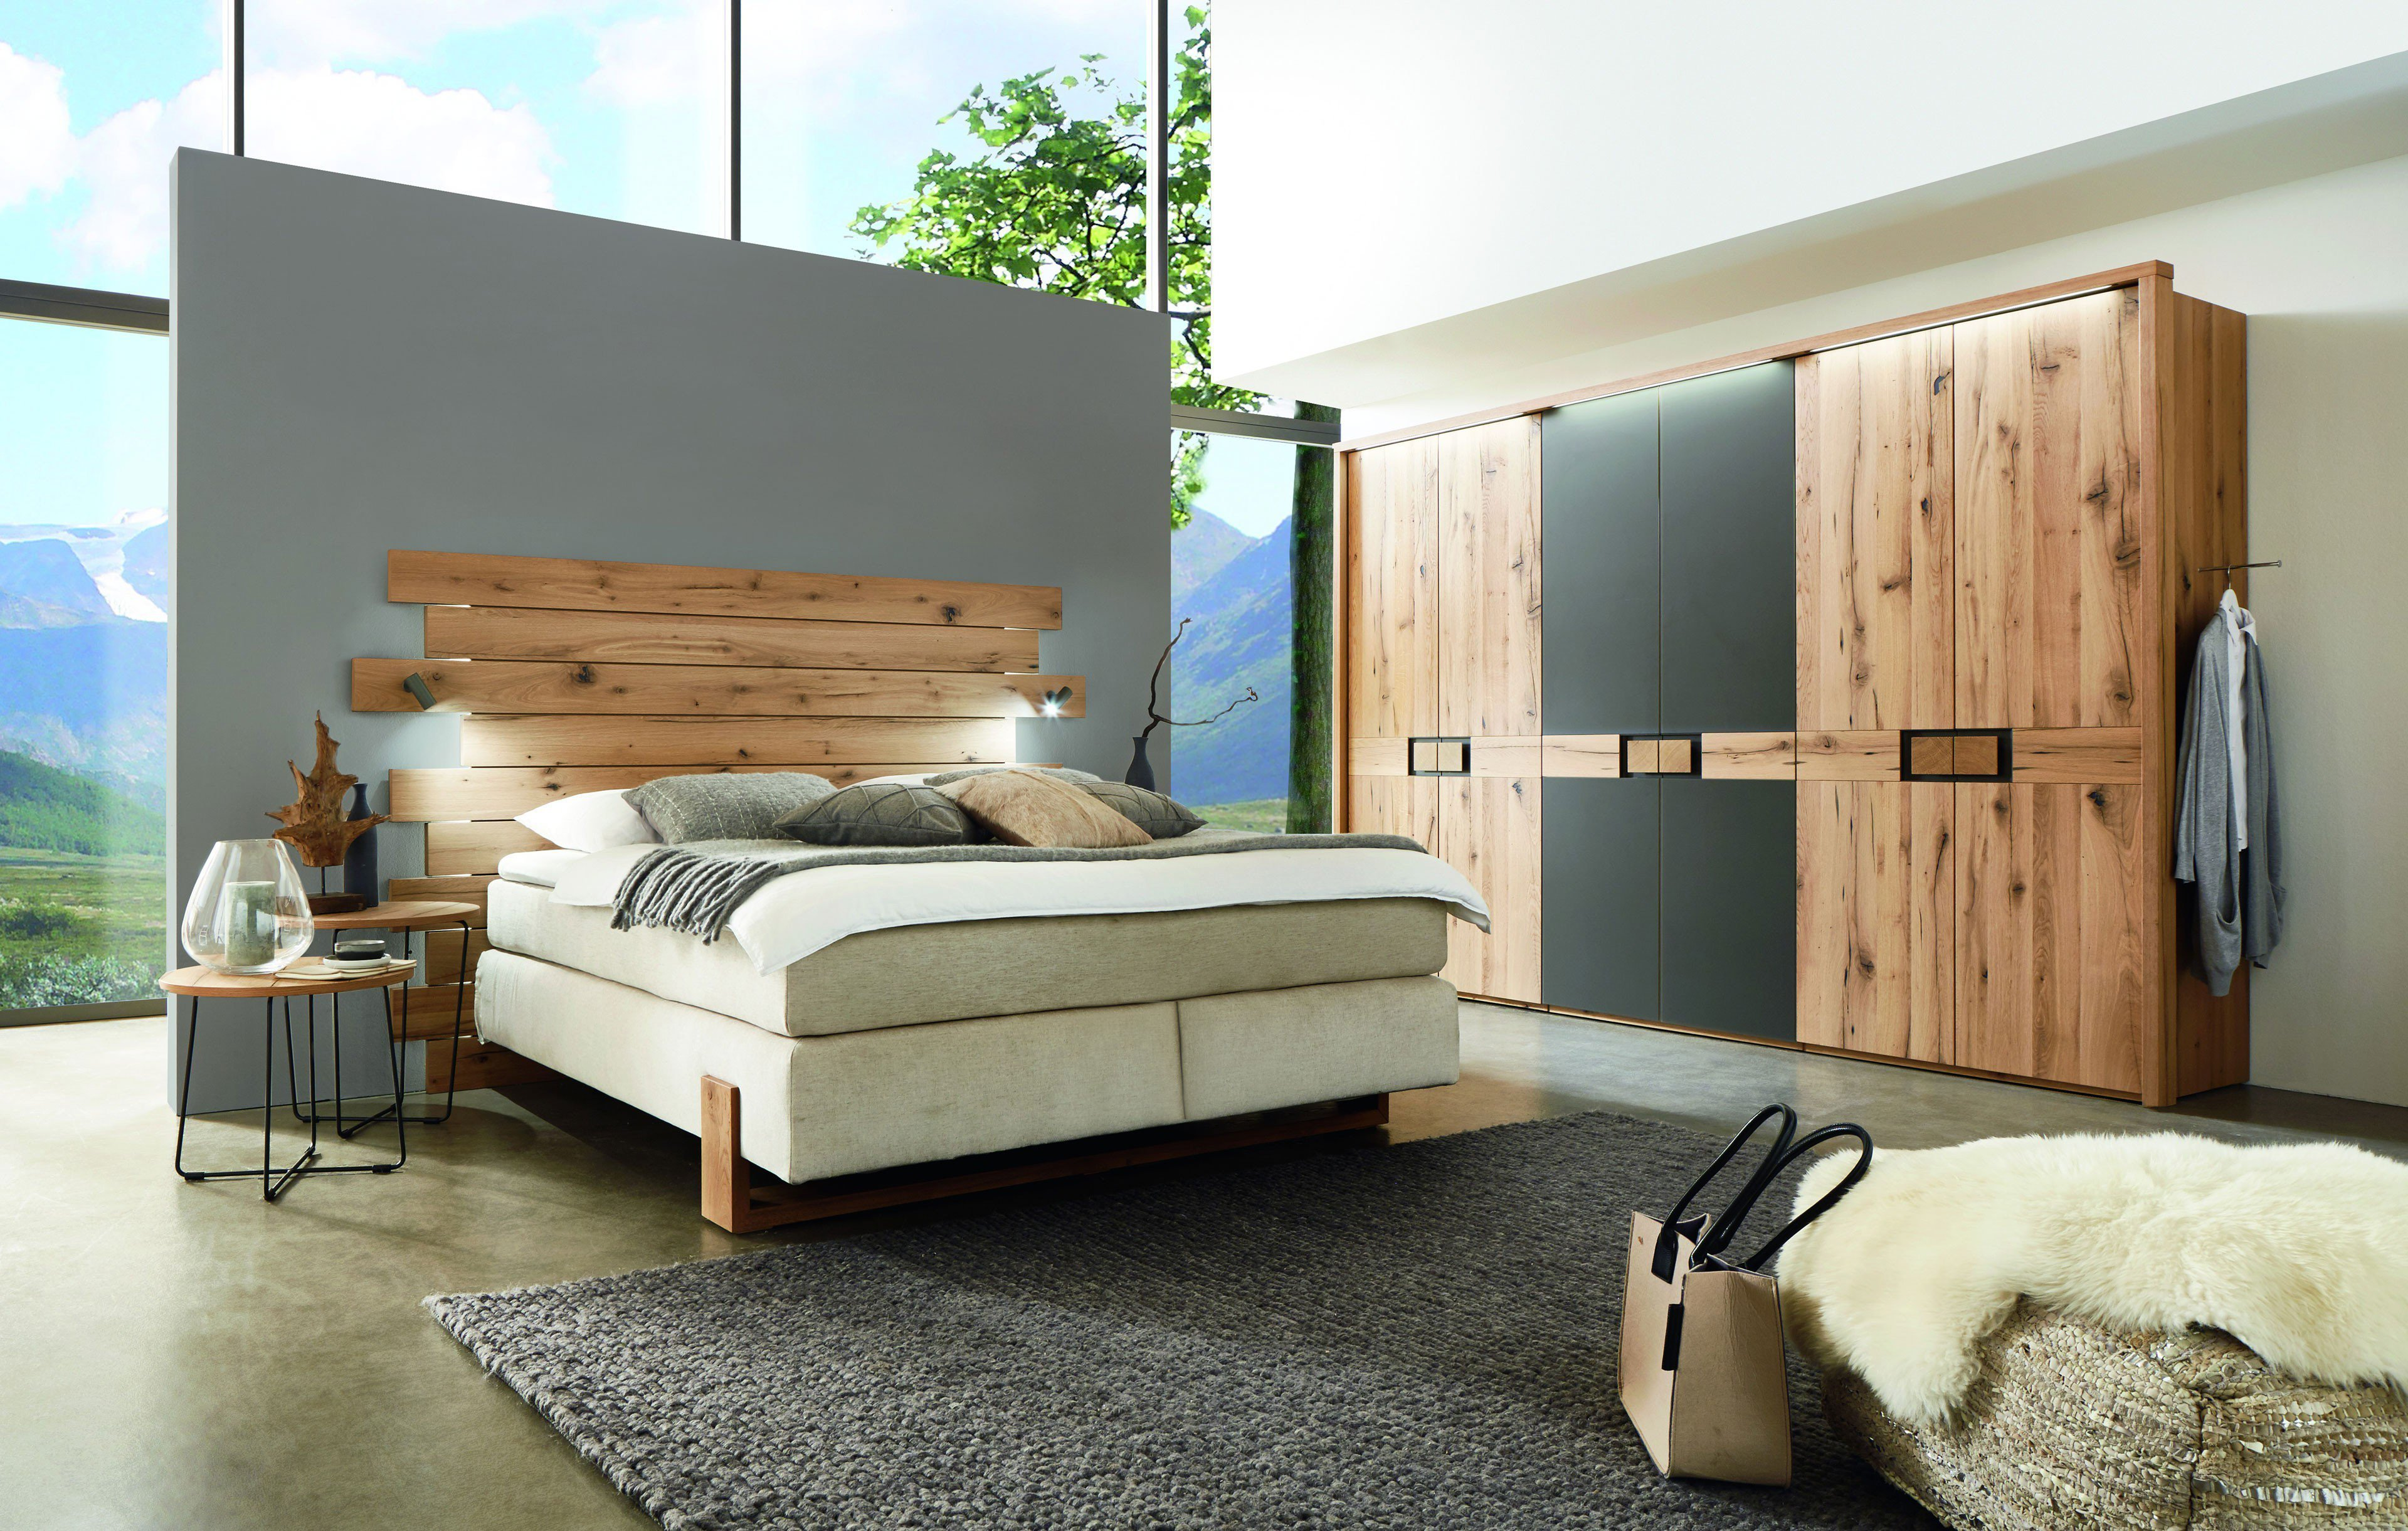 wsm 1700 w stmann boxspringbett eiche altholz furniert m bel letz ihr online shop. Black Bedroom Furniture Sets. Home Design Ideas